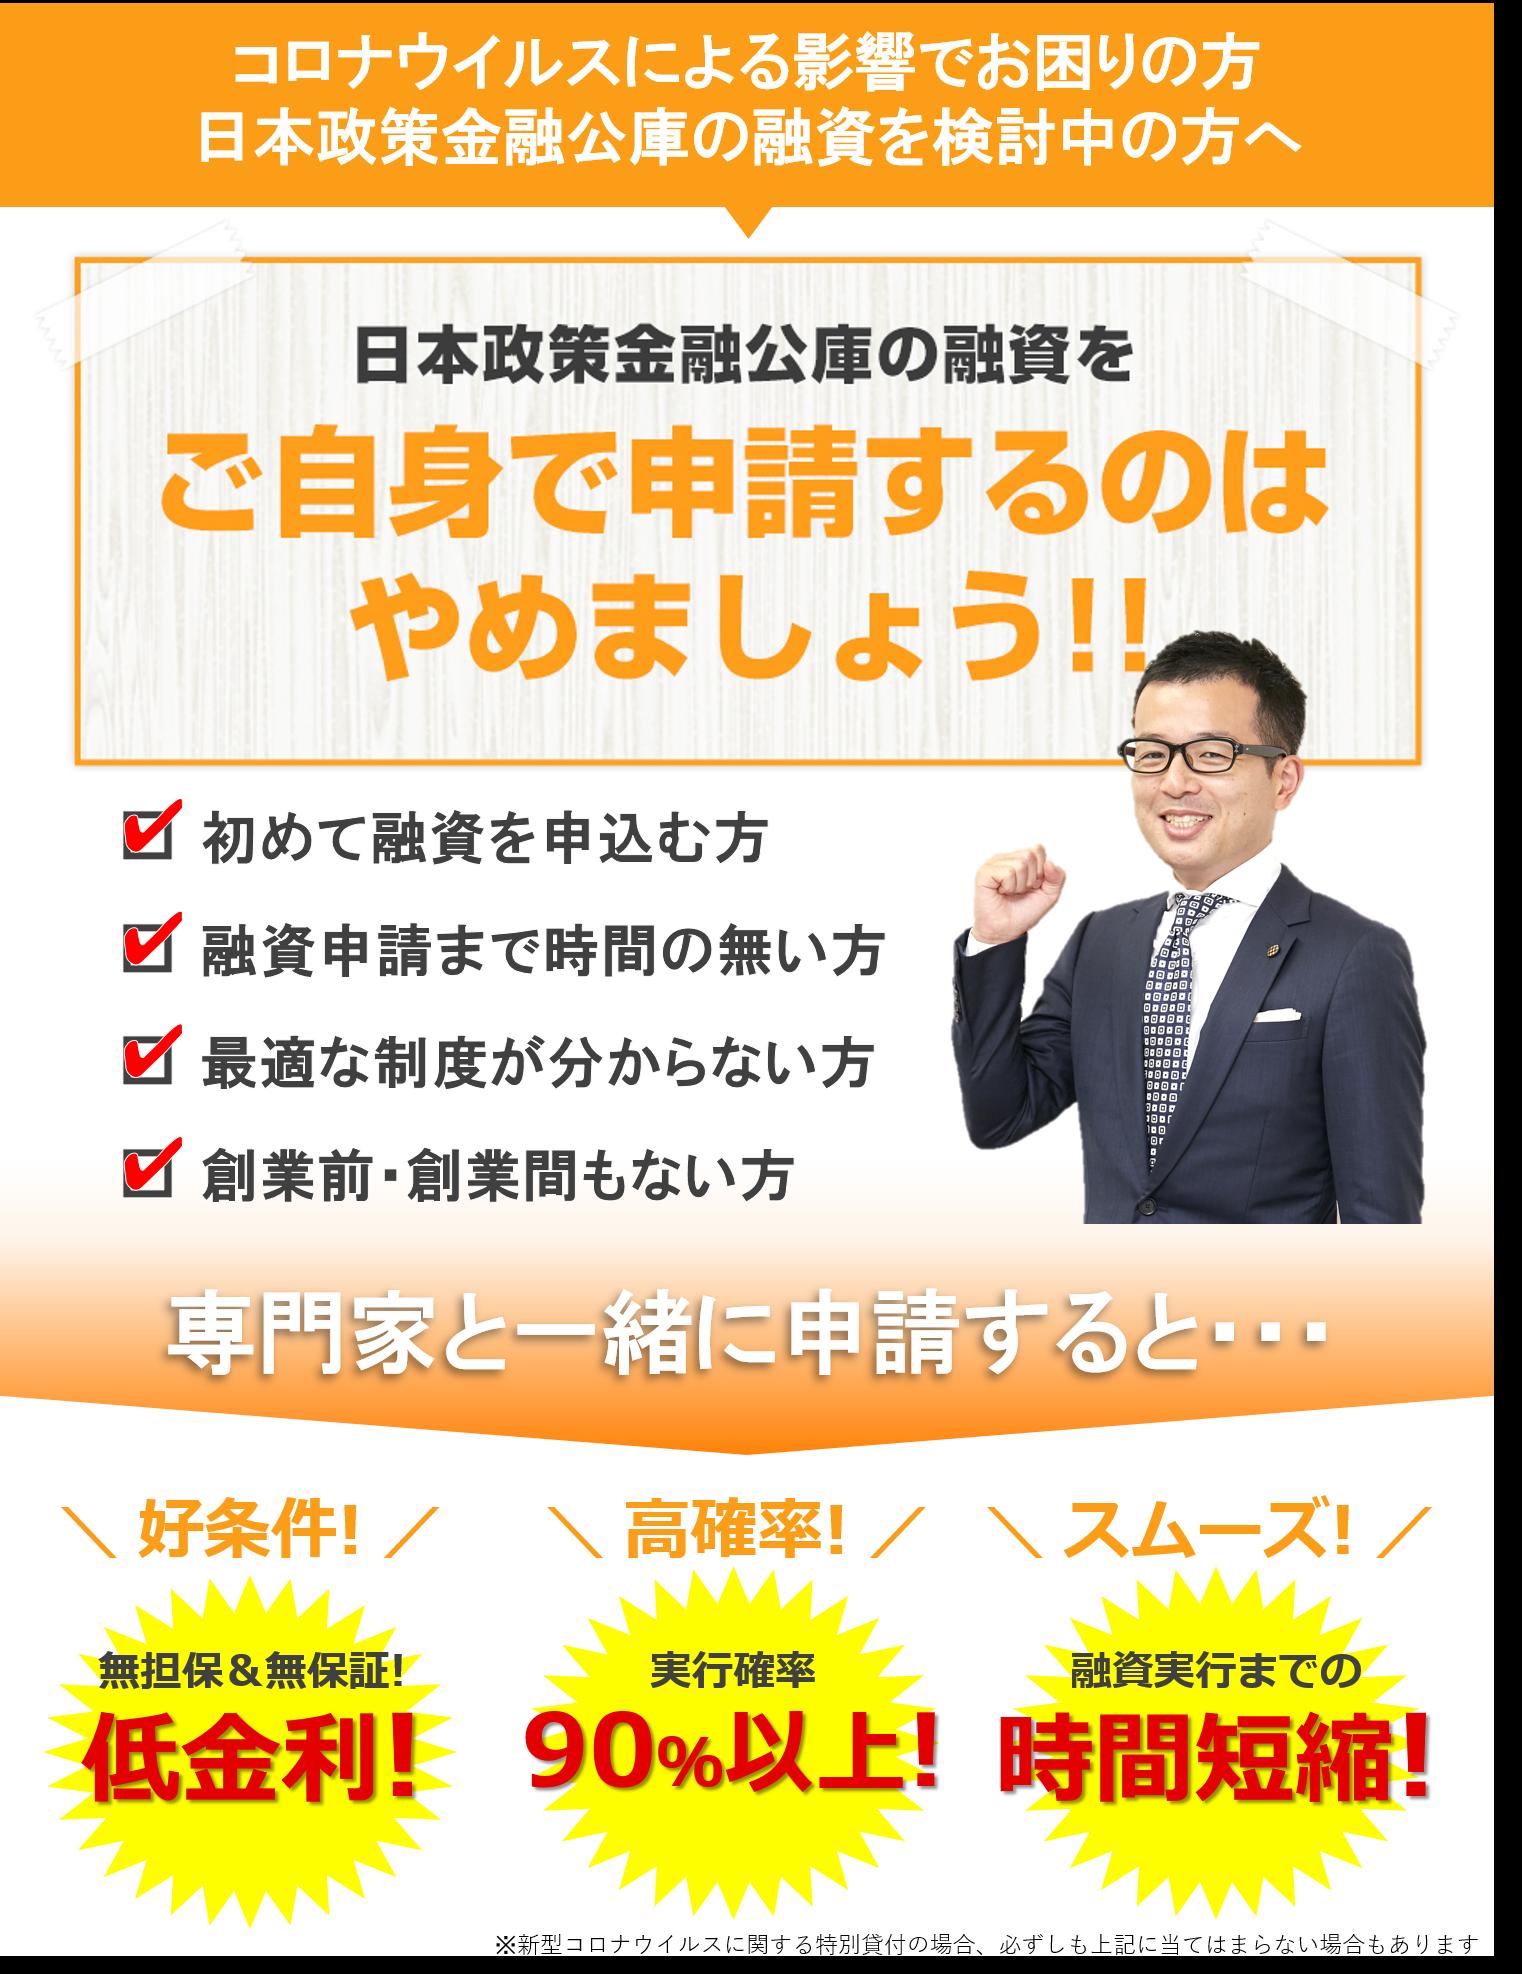 コロナウイルスによる影響でお困りの方 日本政策金融公庫の融資をご検討の方へ